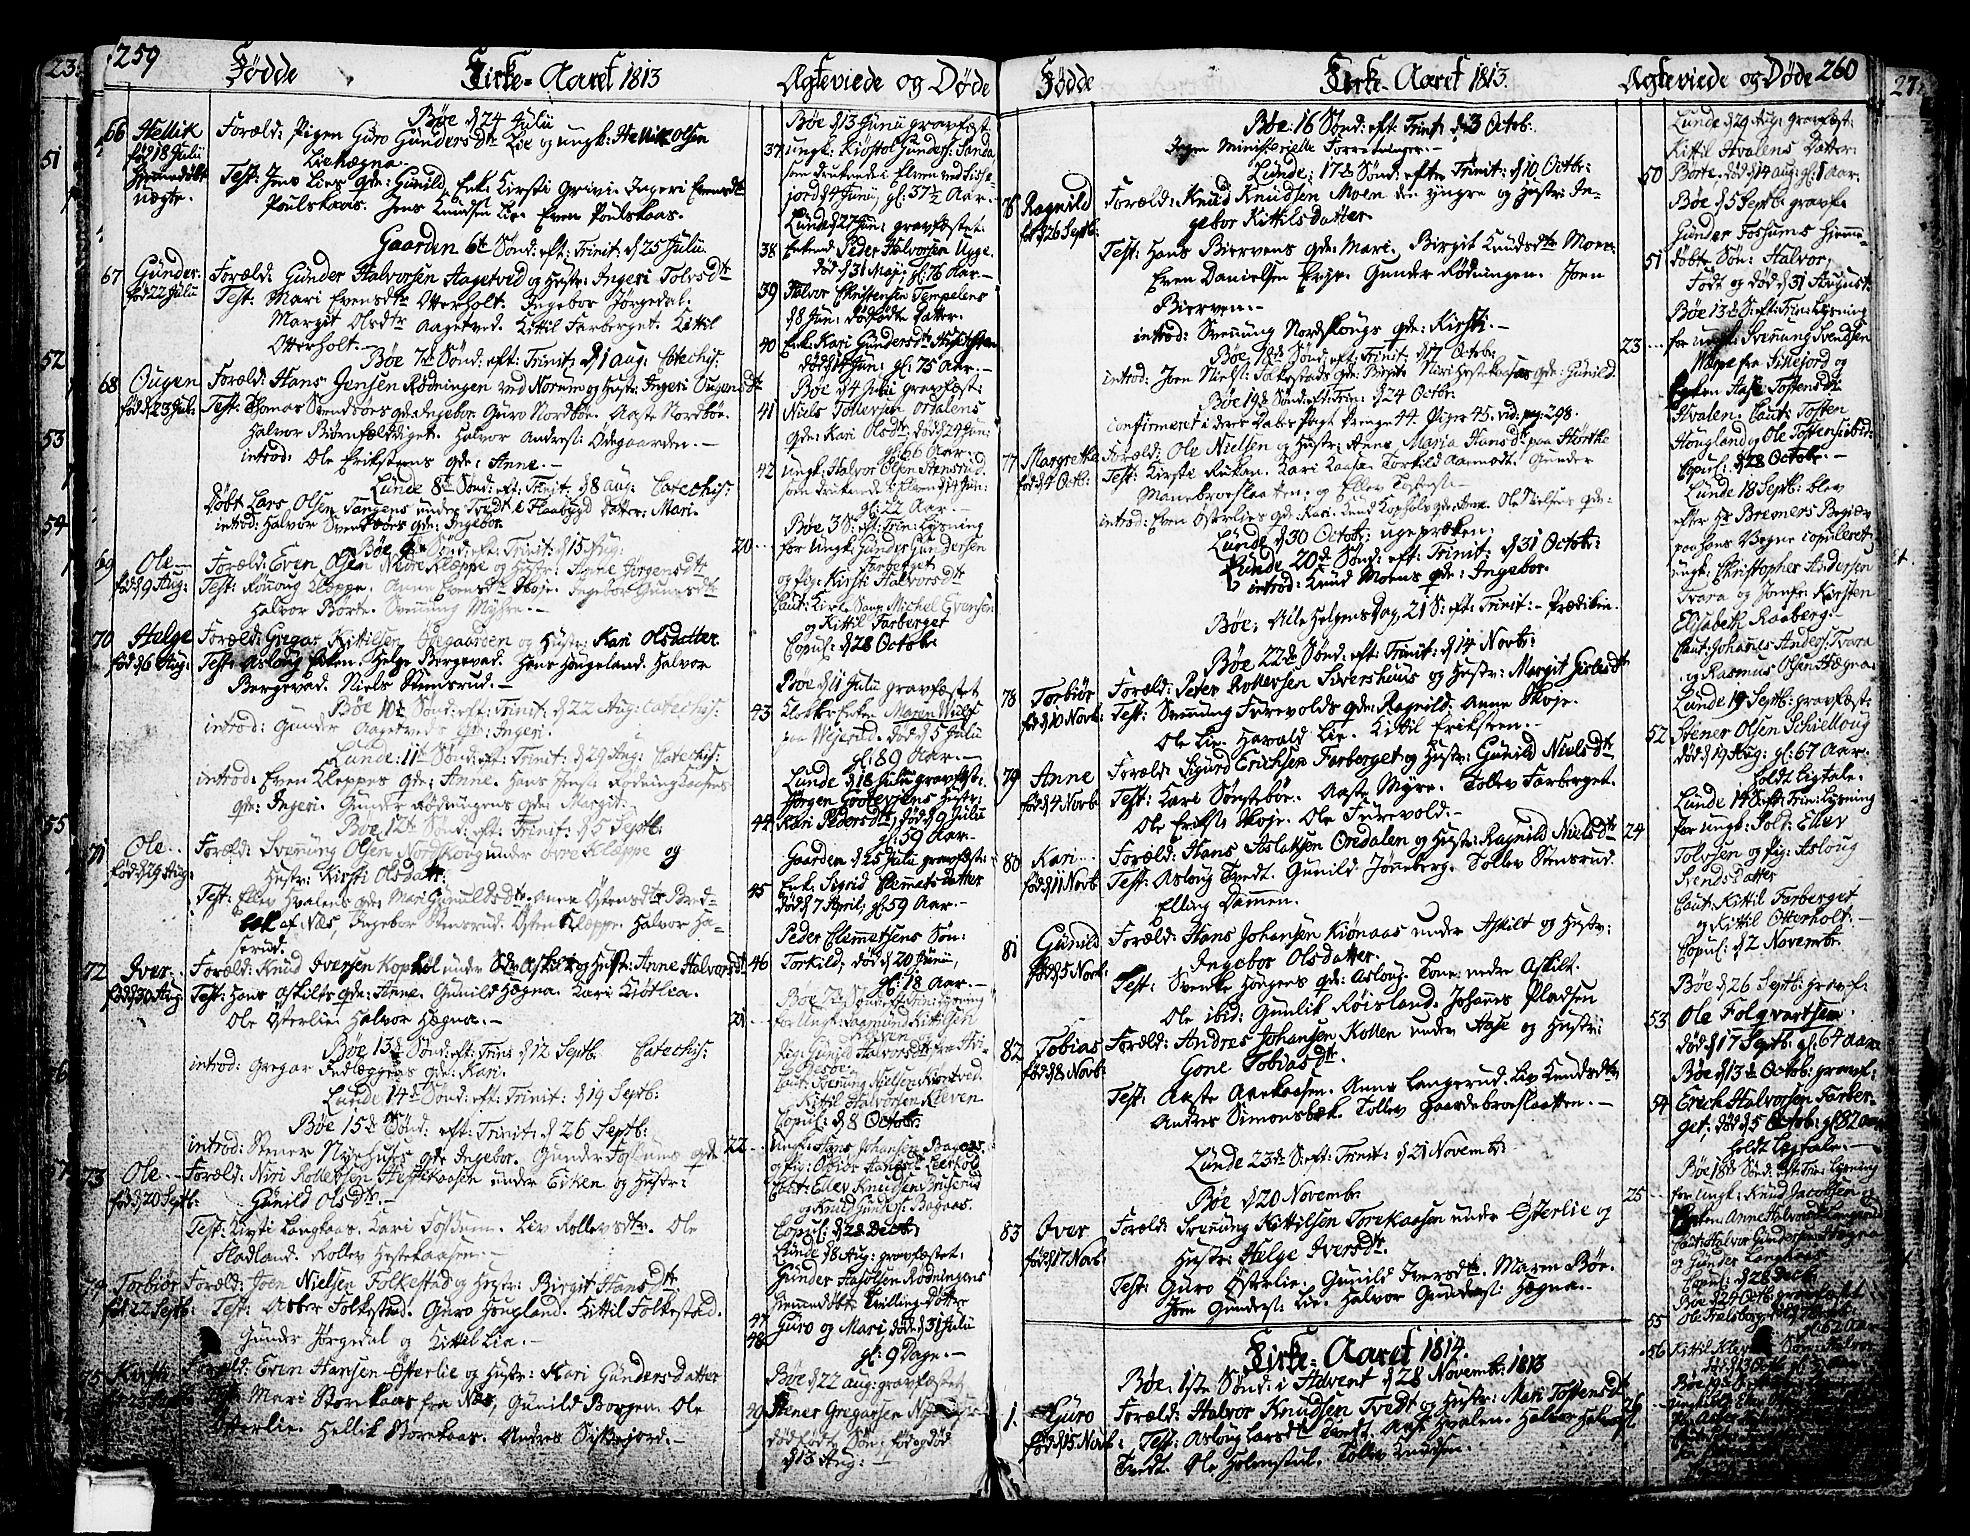 SAKO, Bø kirkebøker, F/Fa/L0005: Ministerialbok nr. 5, 1785-1815, s. 259-260